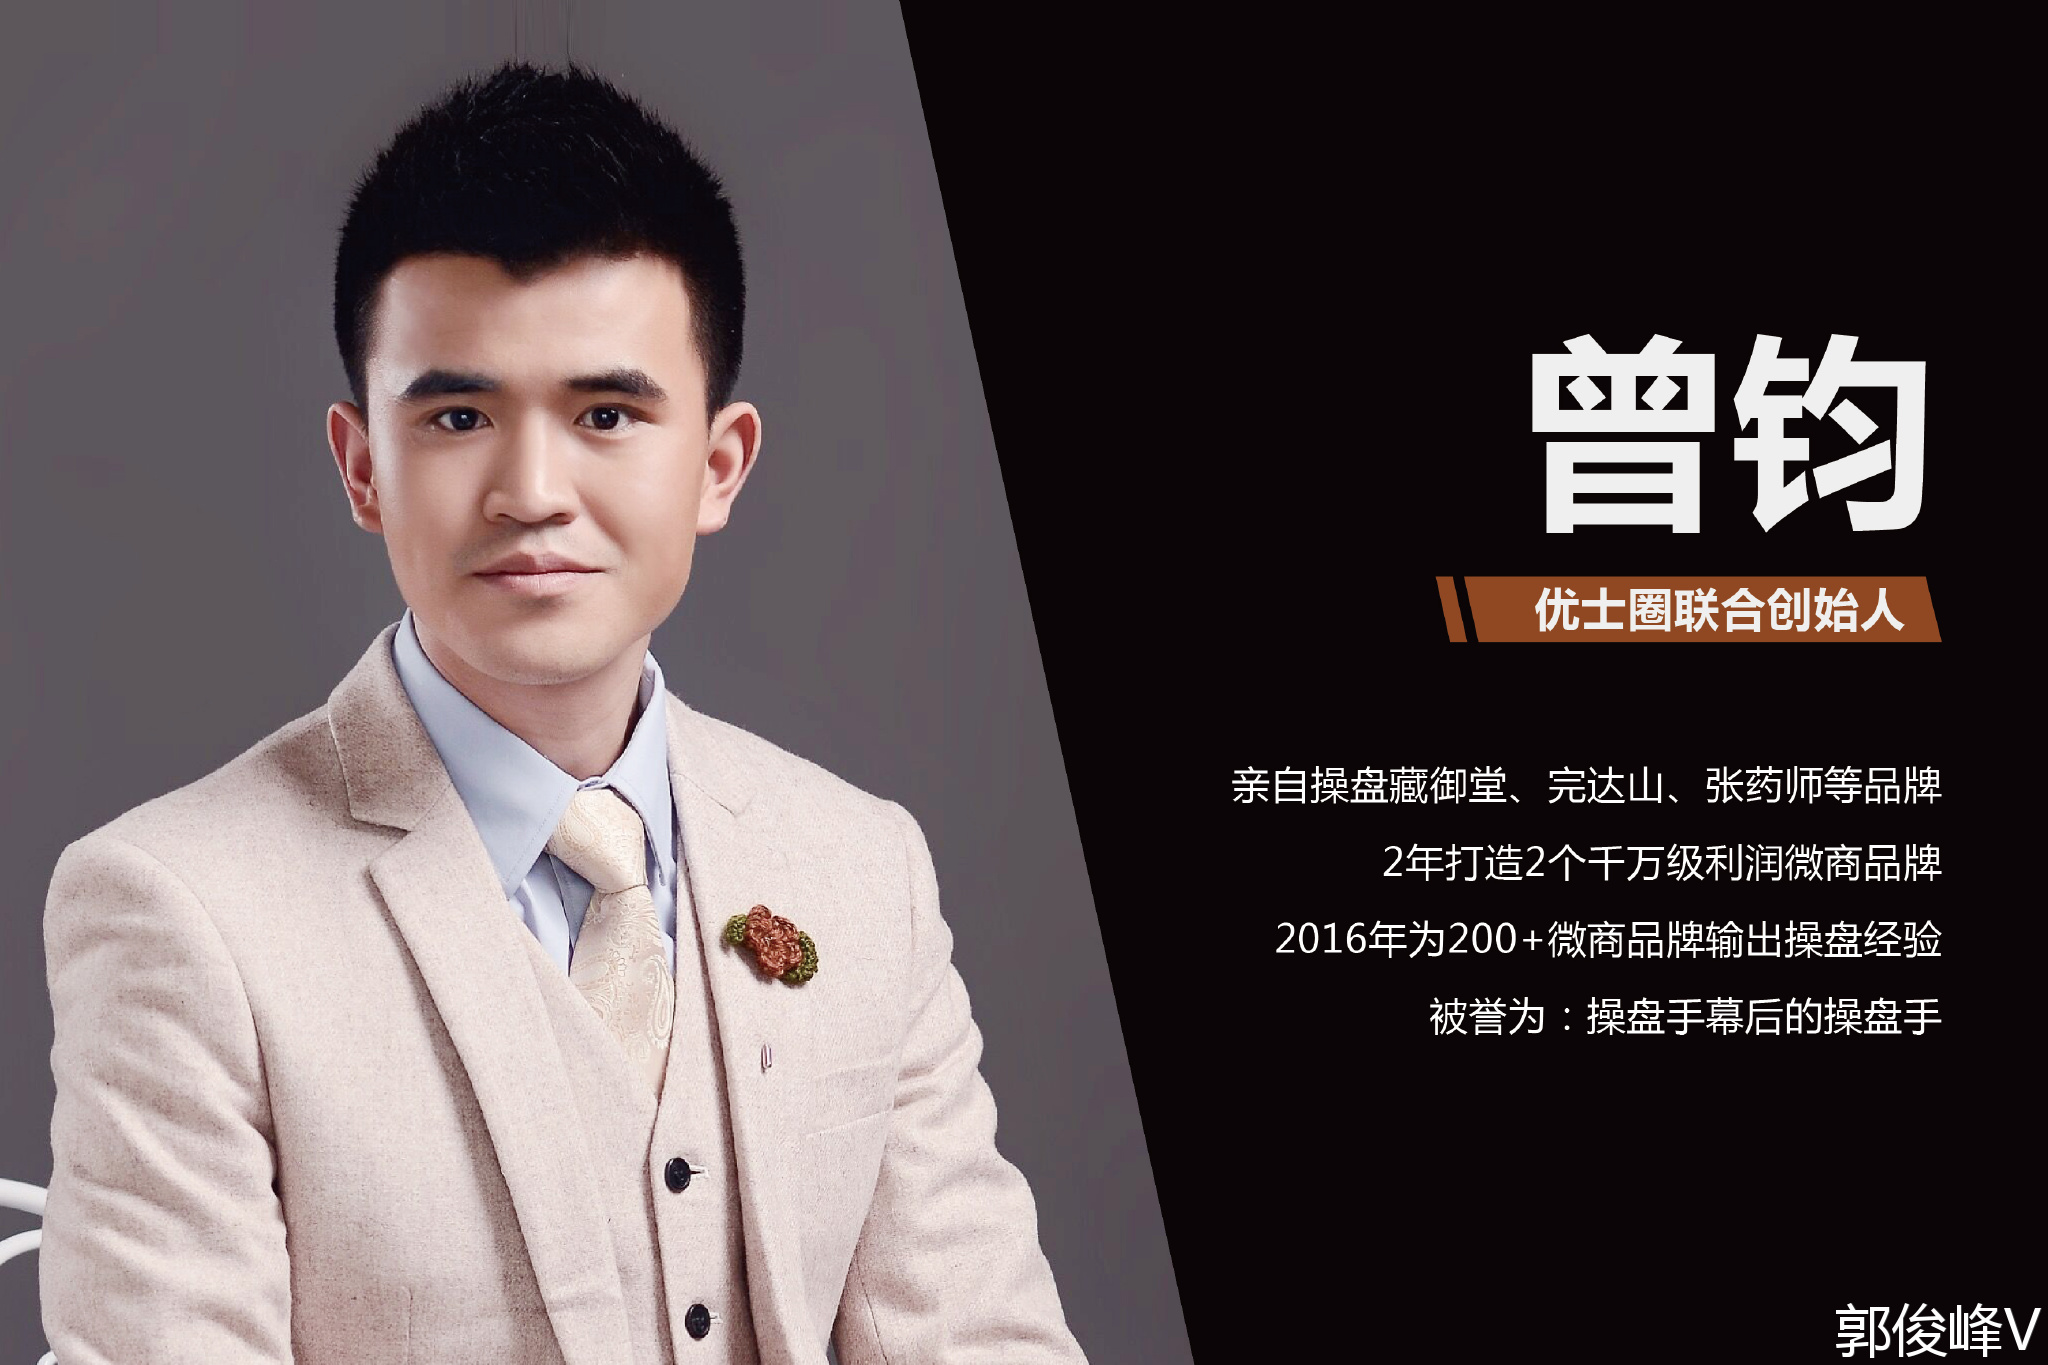 王通:张药师创始人曾钧的成功秘诀